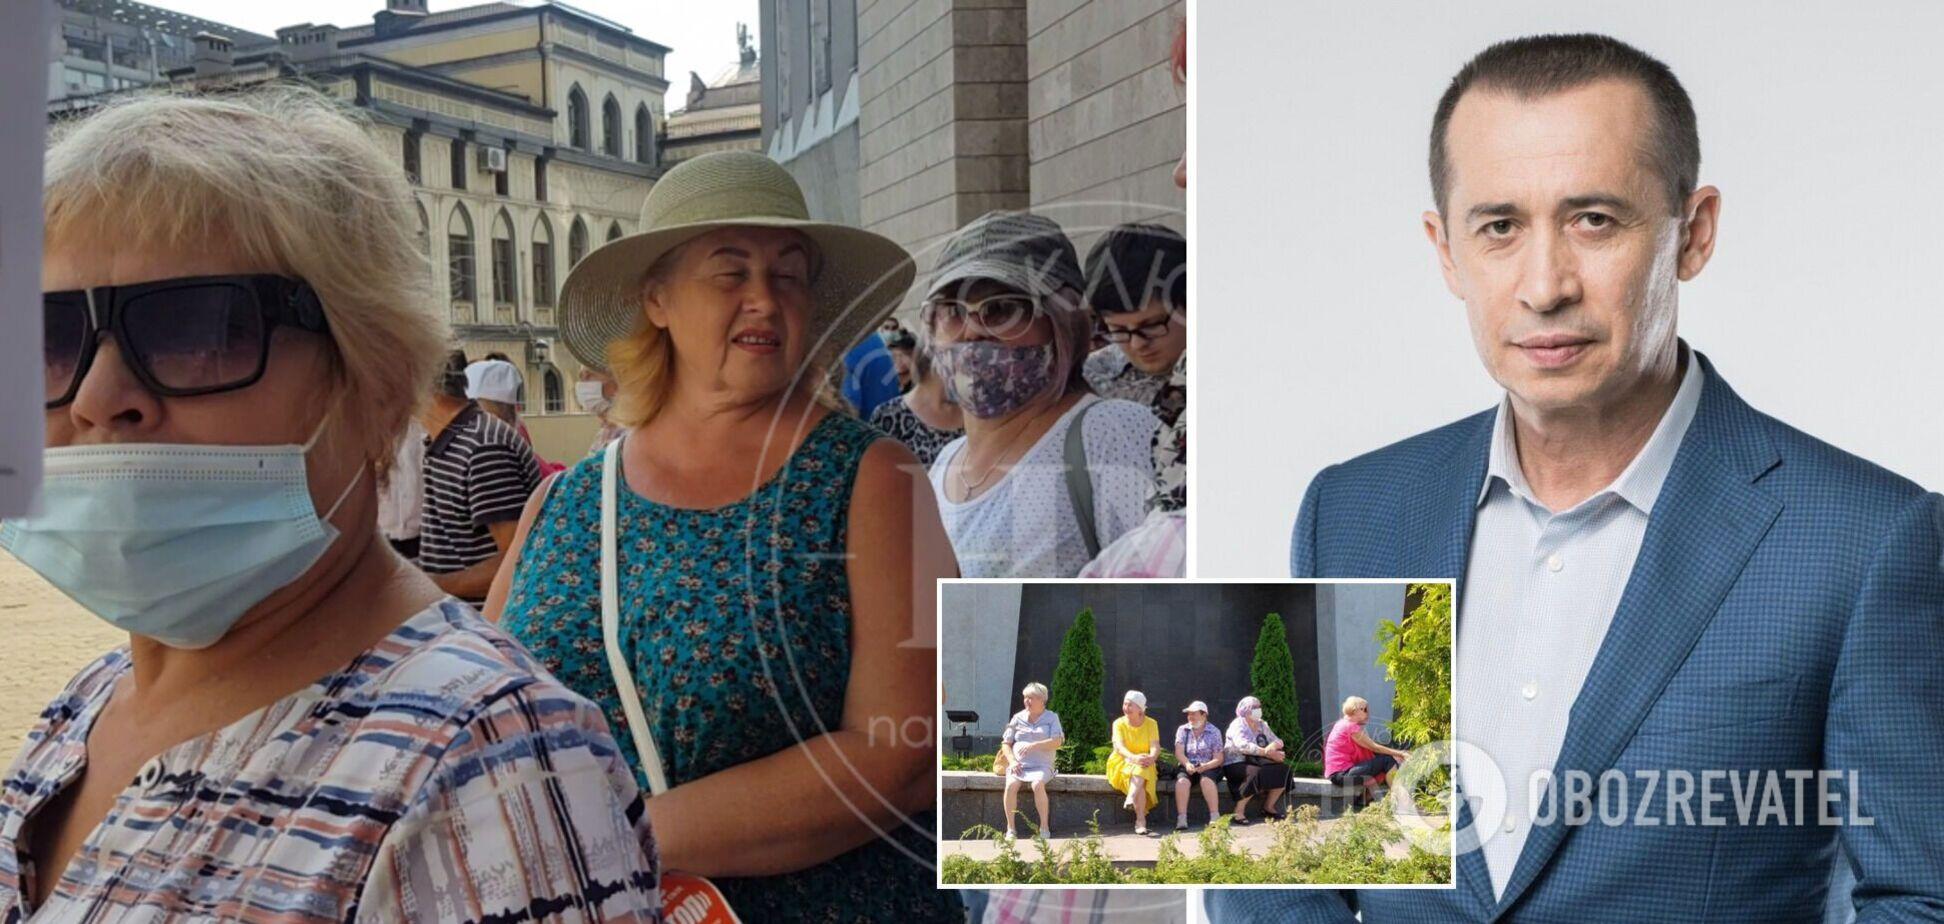 В Днепре на митинг под горсовет согнали пенсионеров: СМИ назвали 'заказчика'. Фото и видео